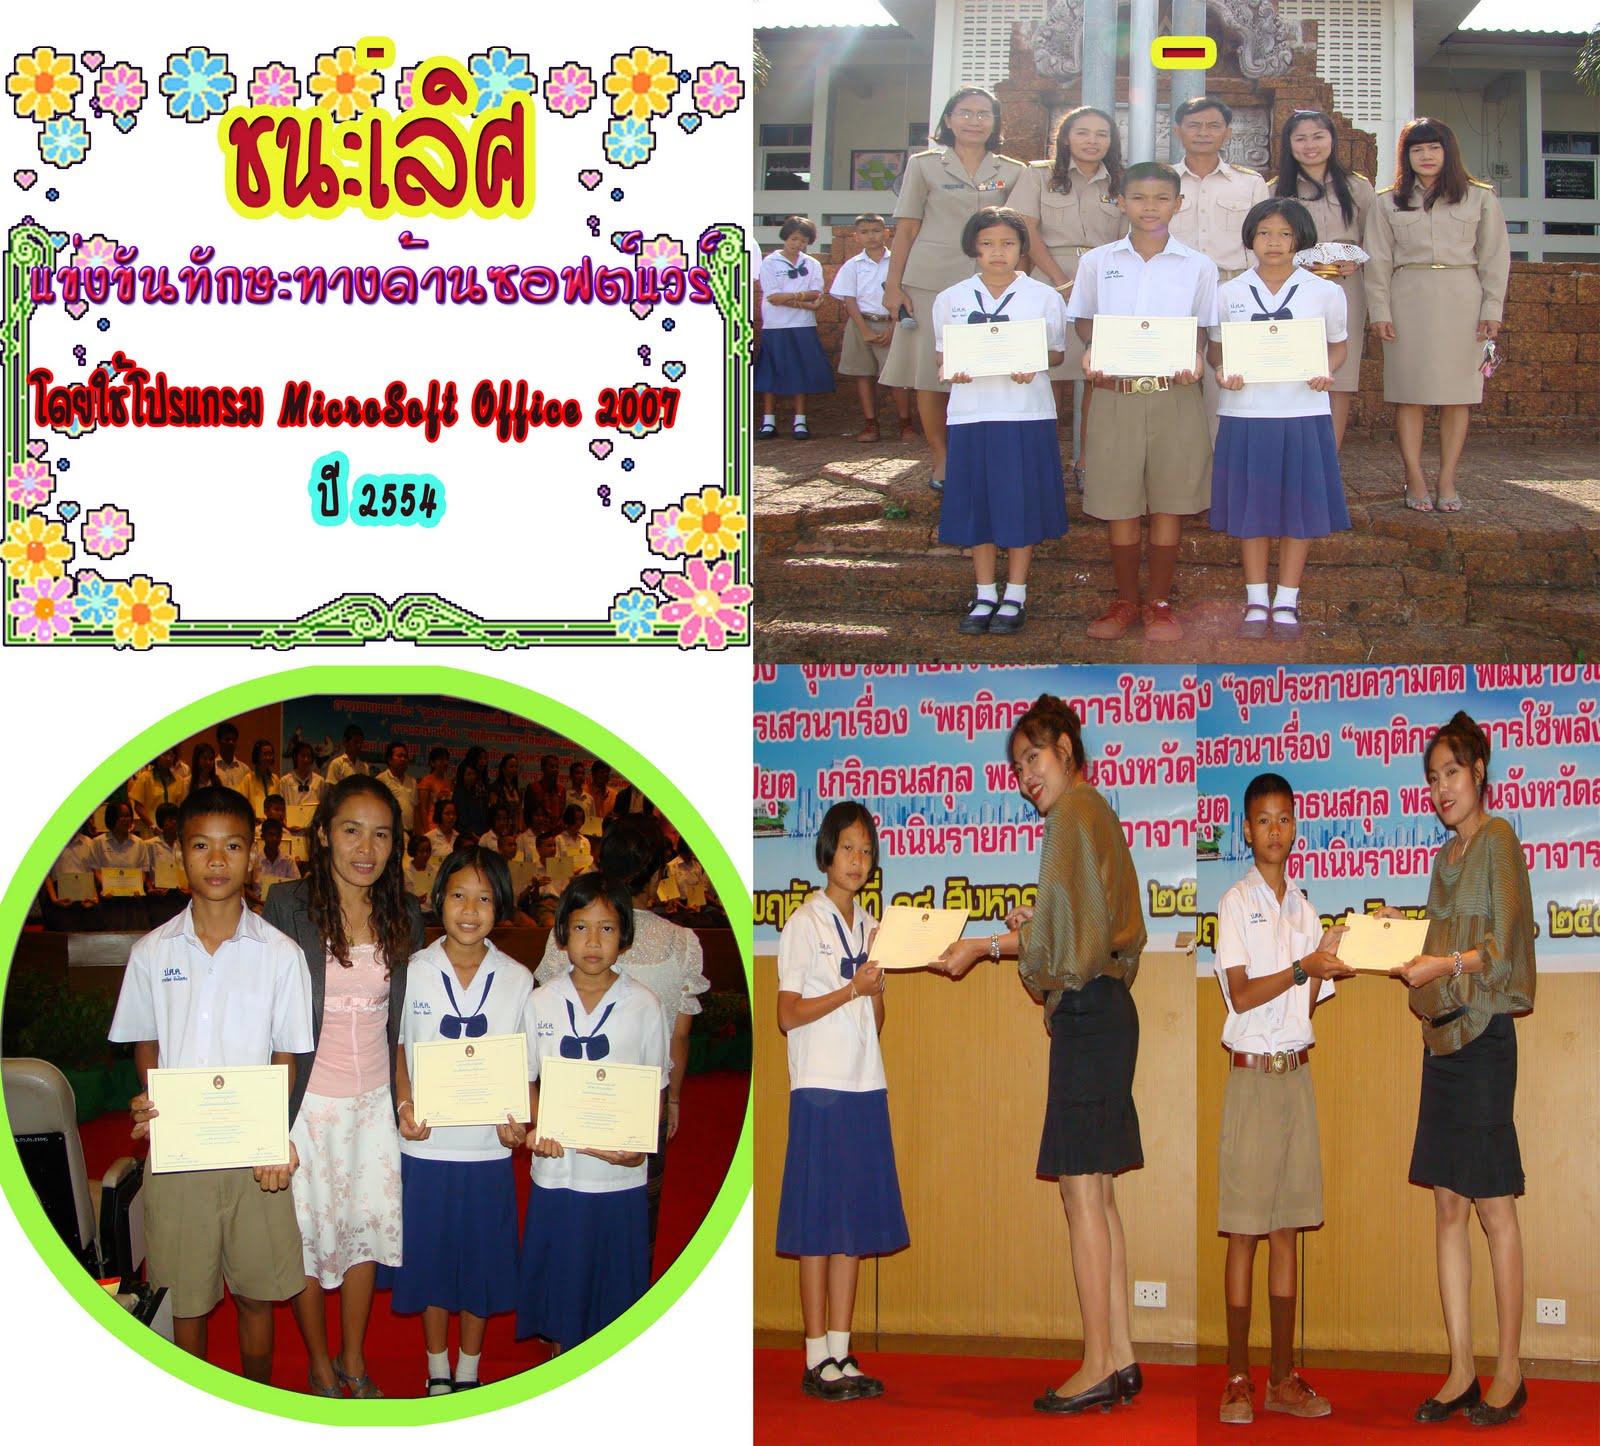 วันวิทยาศาสตร์: ครูจิ๊: นักเรียนรับรางวัลชนะเลิศทักษะคอมพิวเตอร์ วัน